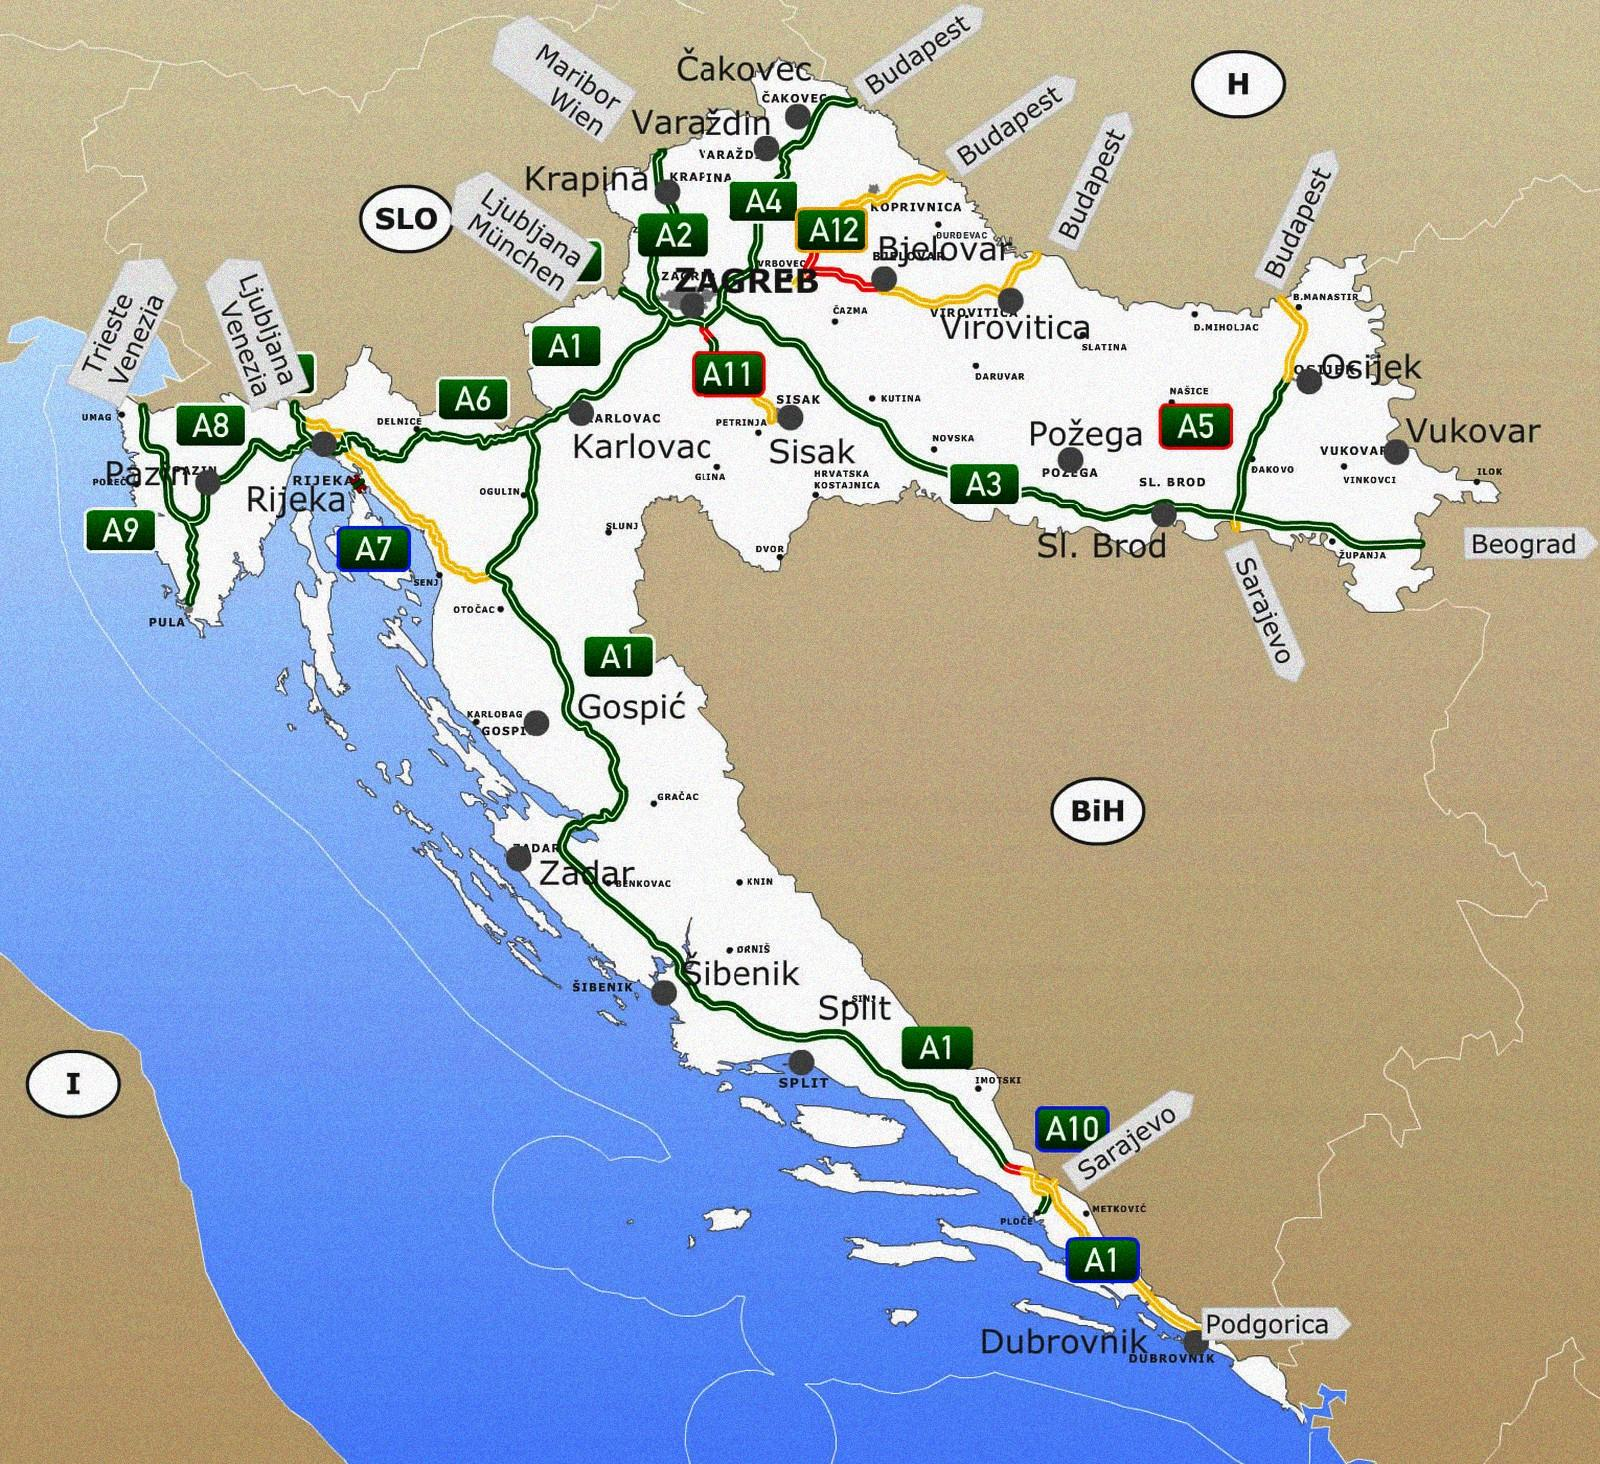 horvátország, horvát tengerpart, horvát térkép, horvátország autópálya térkép, autópálya díjak, horvát, Istria Tours